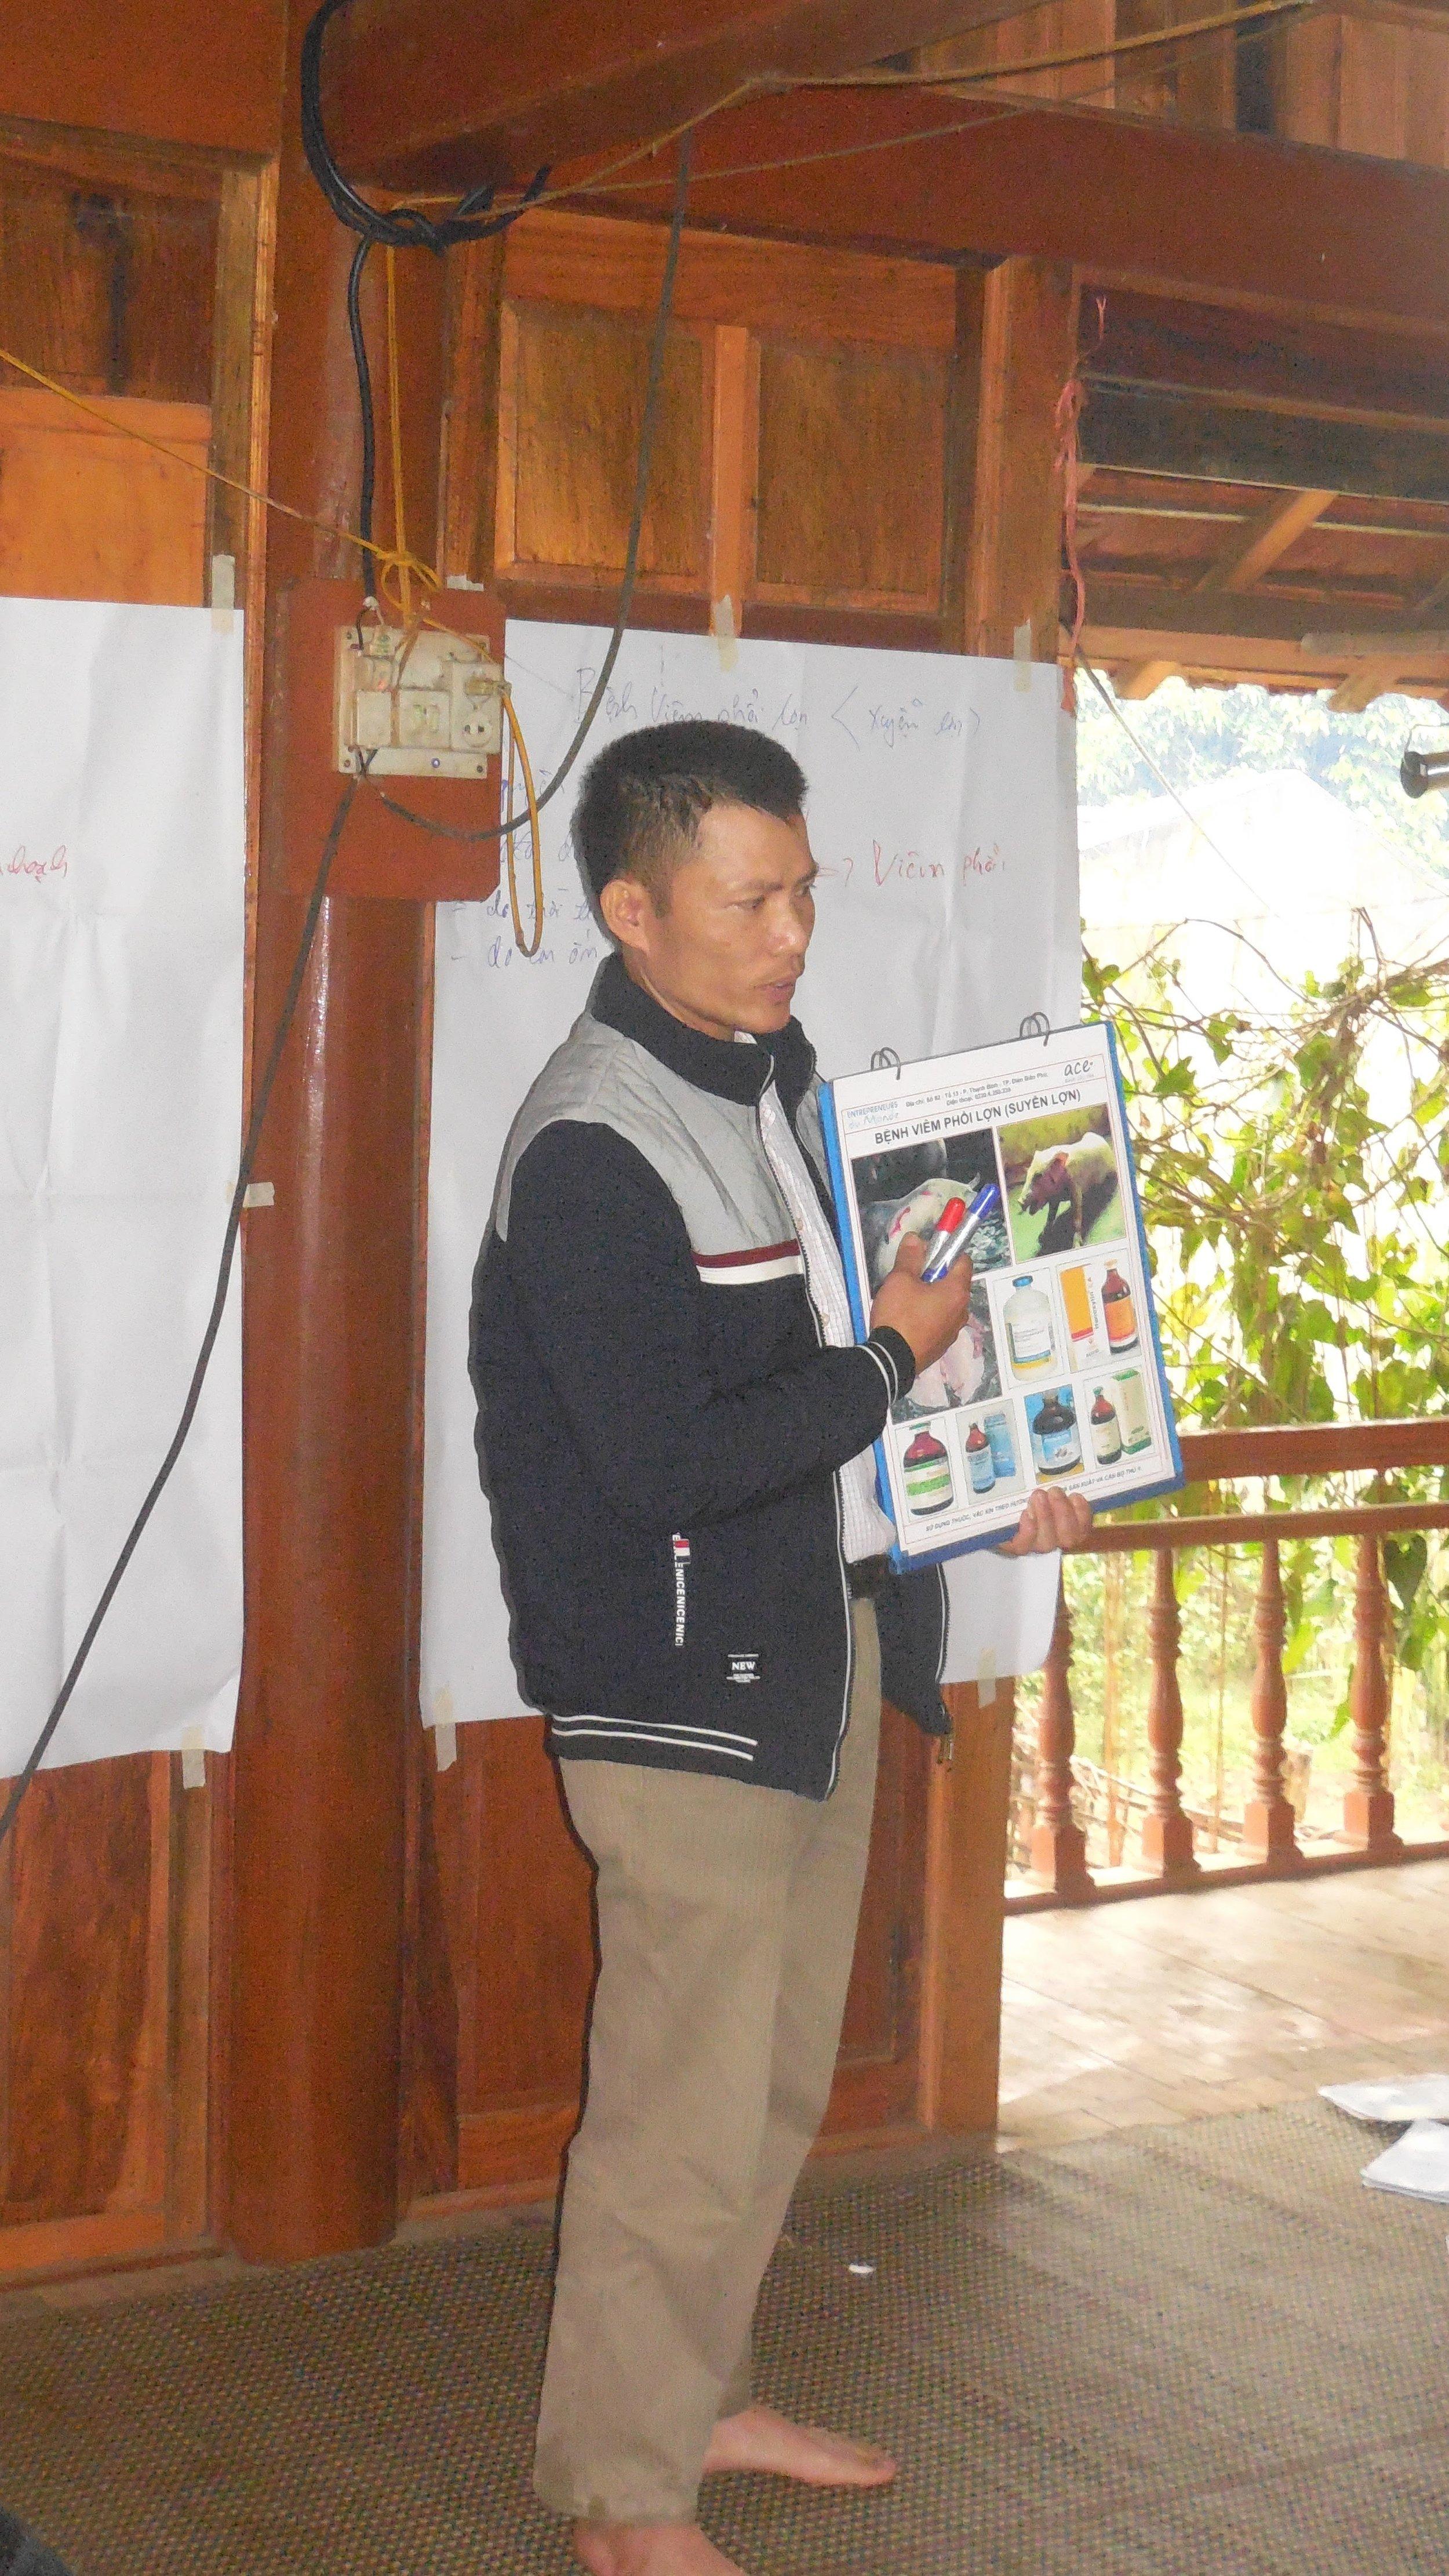 Anh Chị Em - Chương trình tín dụng vi mô - Lớp tập huấn về chăn nuôi an toàn